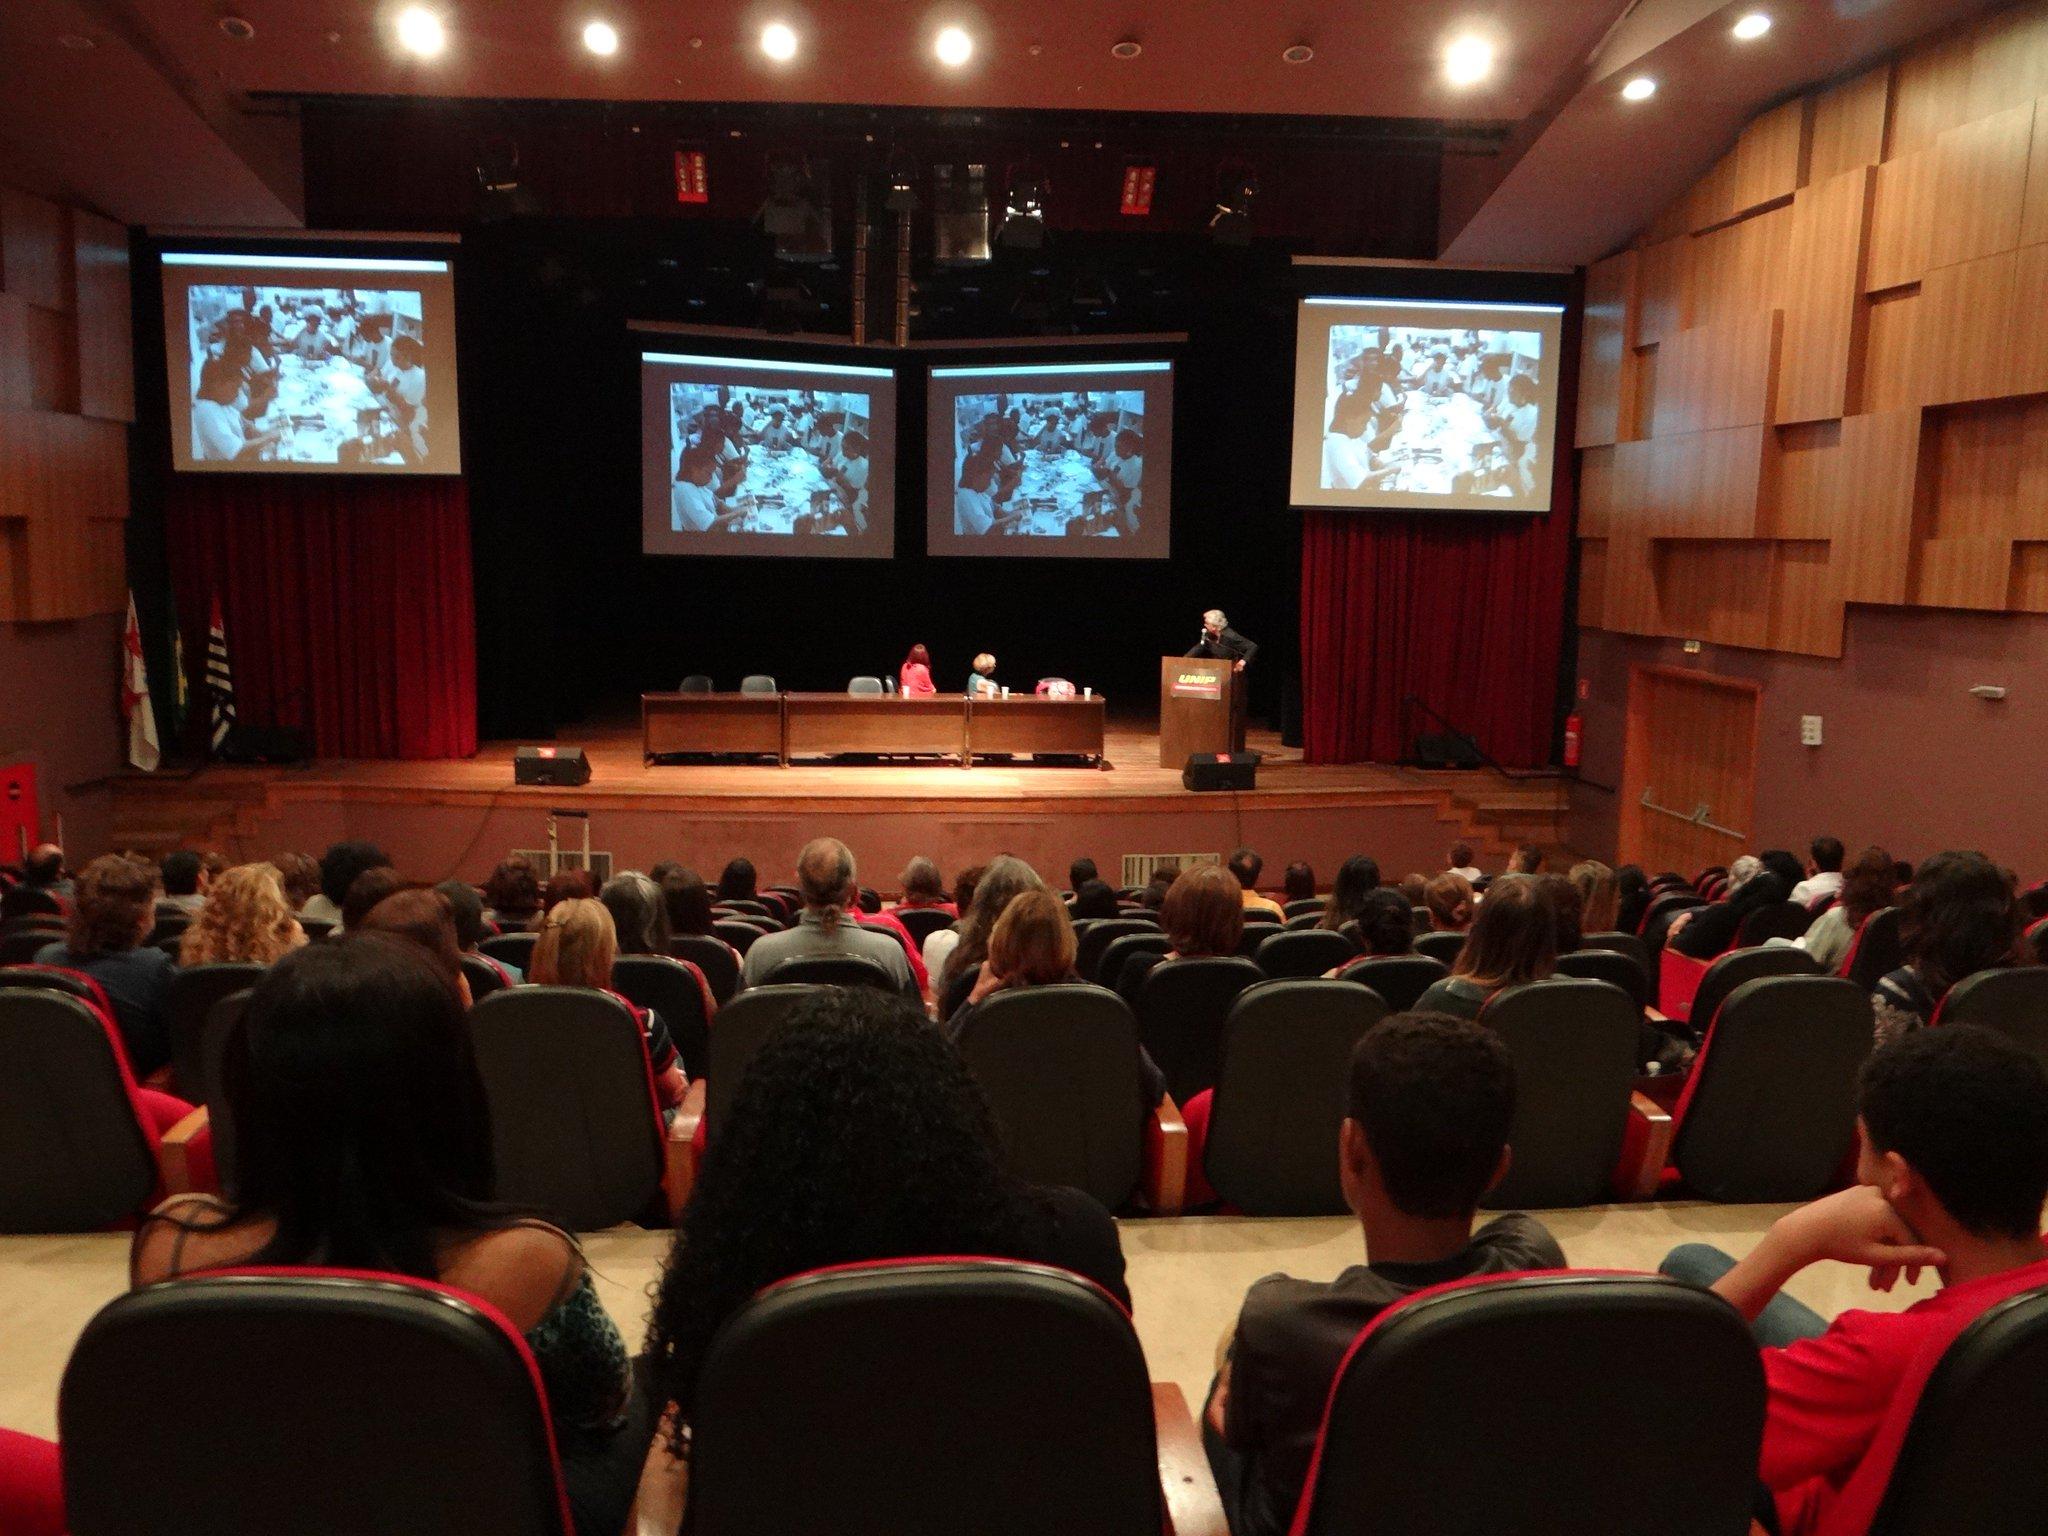 Neste sábado aconteceu a aula inaugural da pós-graduação em Arteterapia da Unip https://t.co/wKMZ8hYEpG